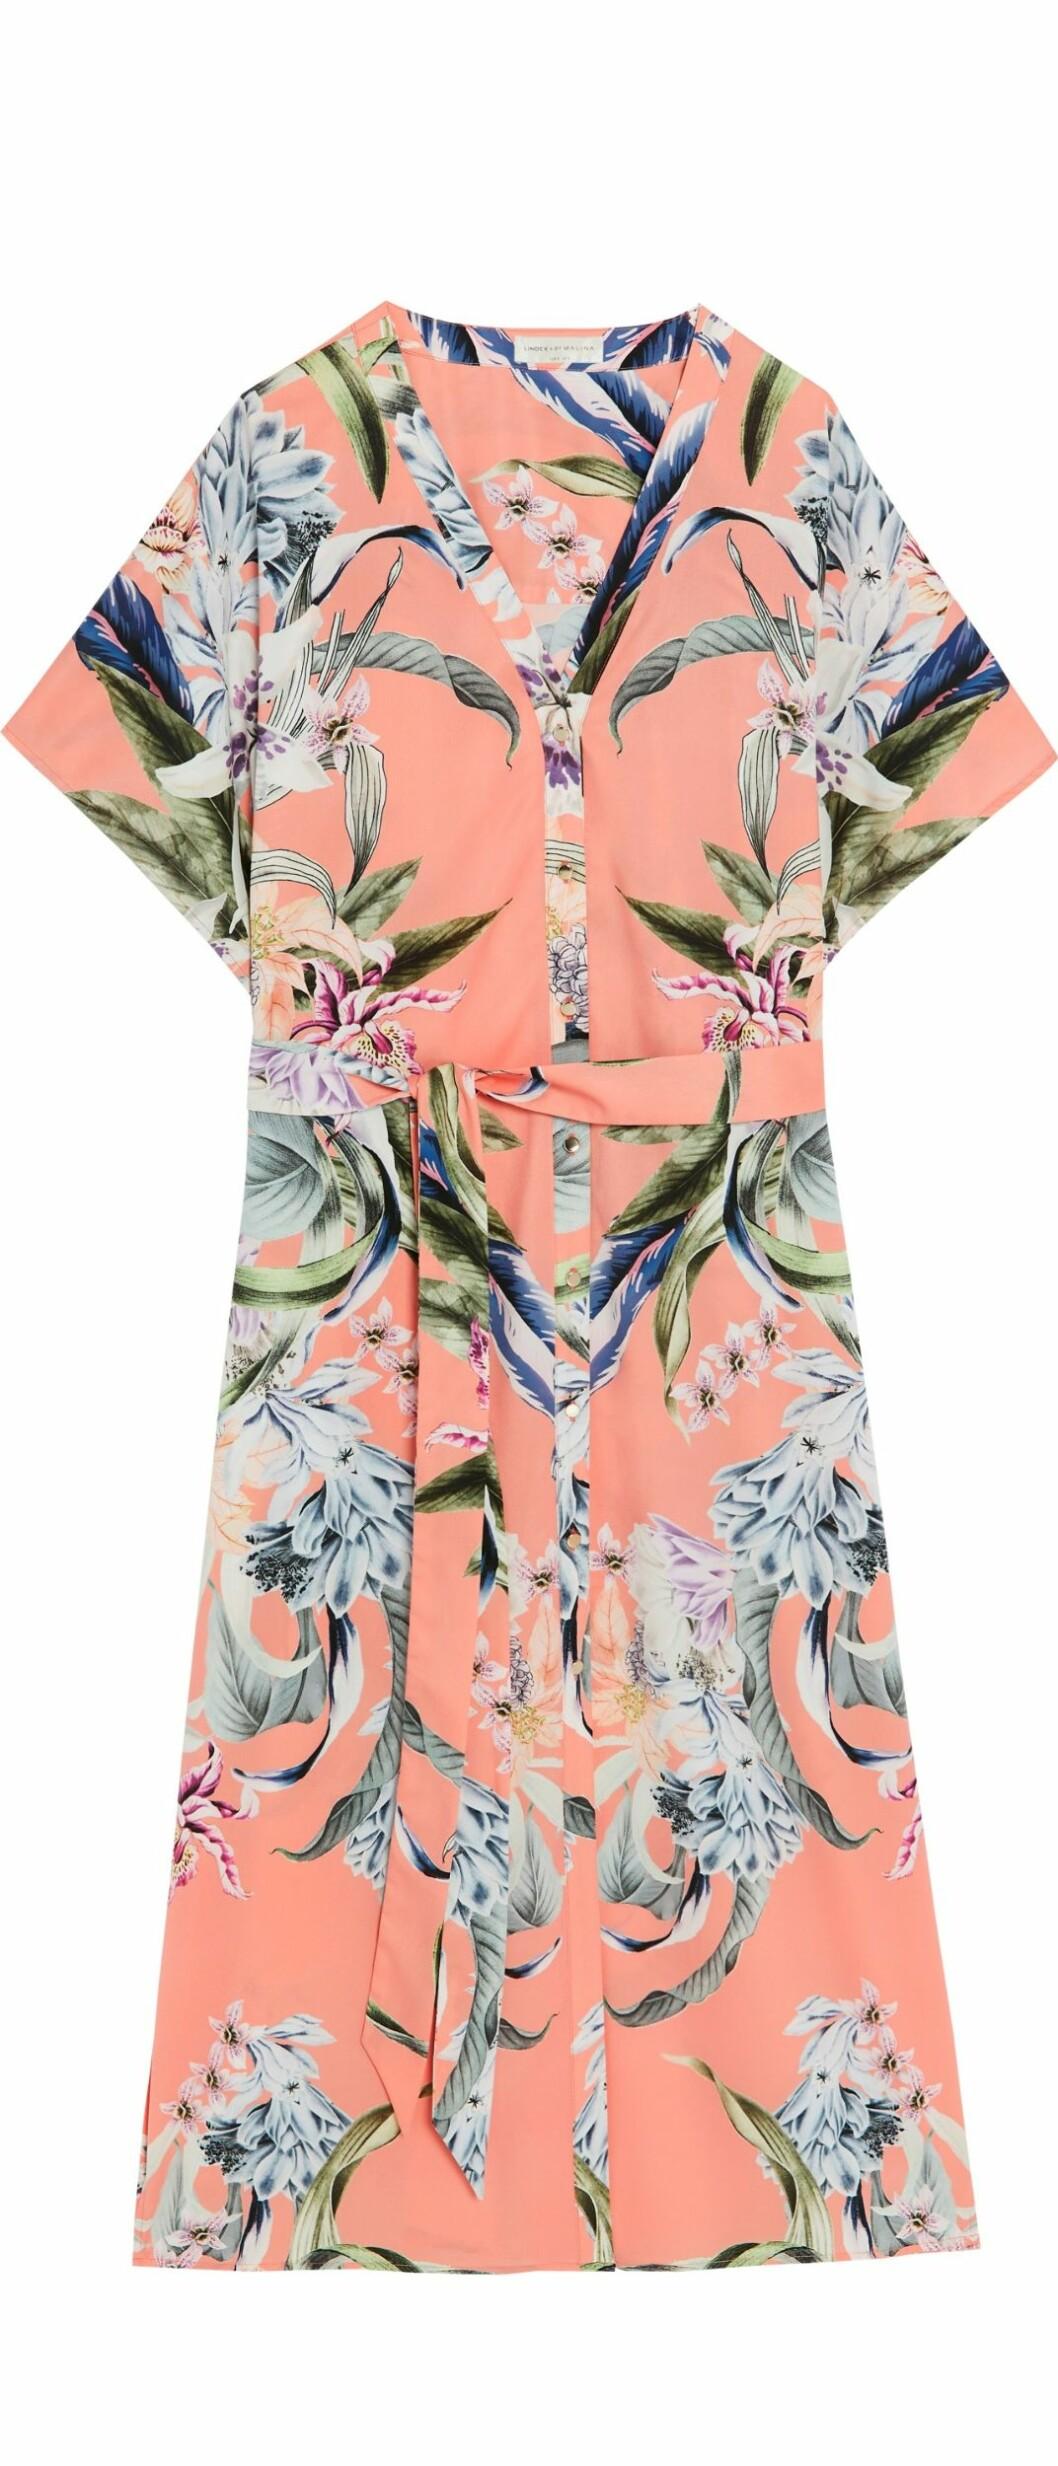 Lindex och By Malinas sommarkollektion – korallfärgad skjortklänning